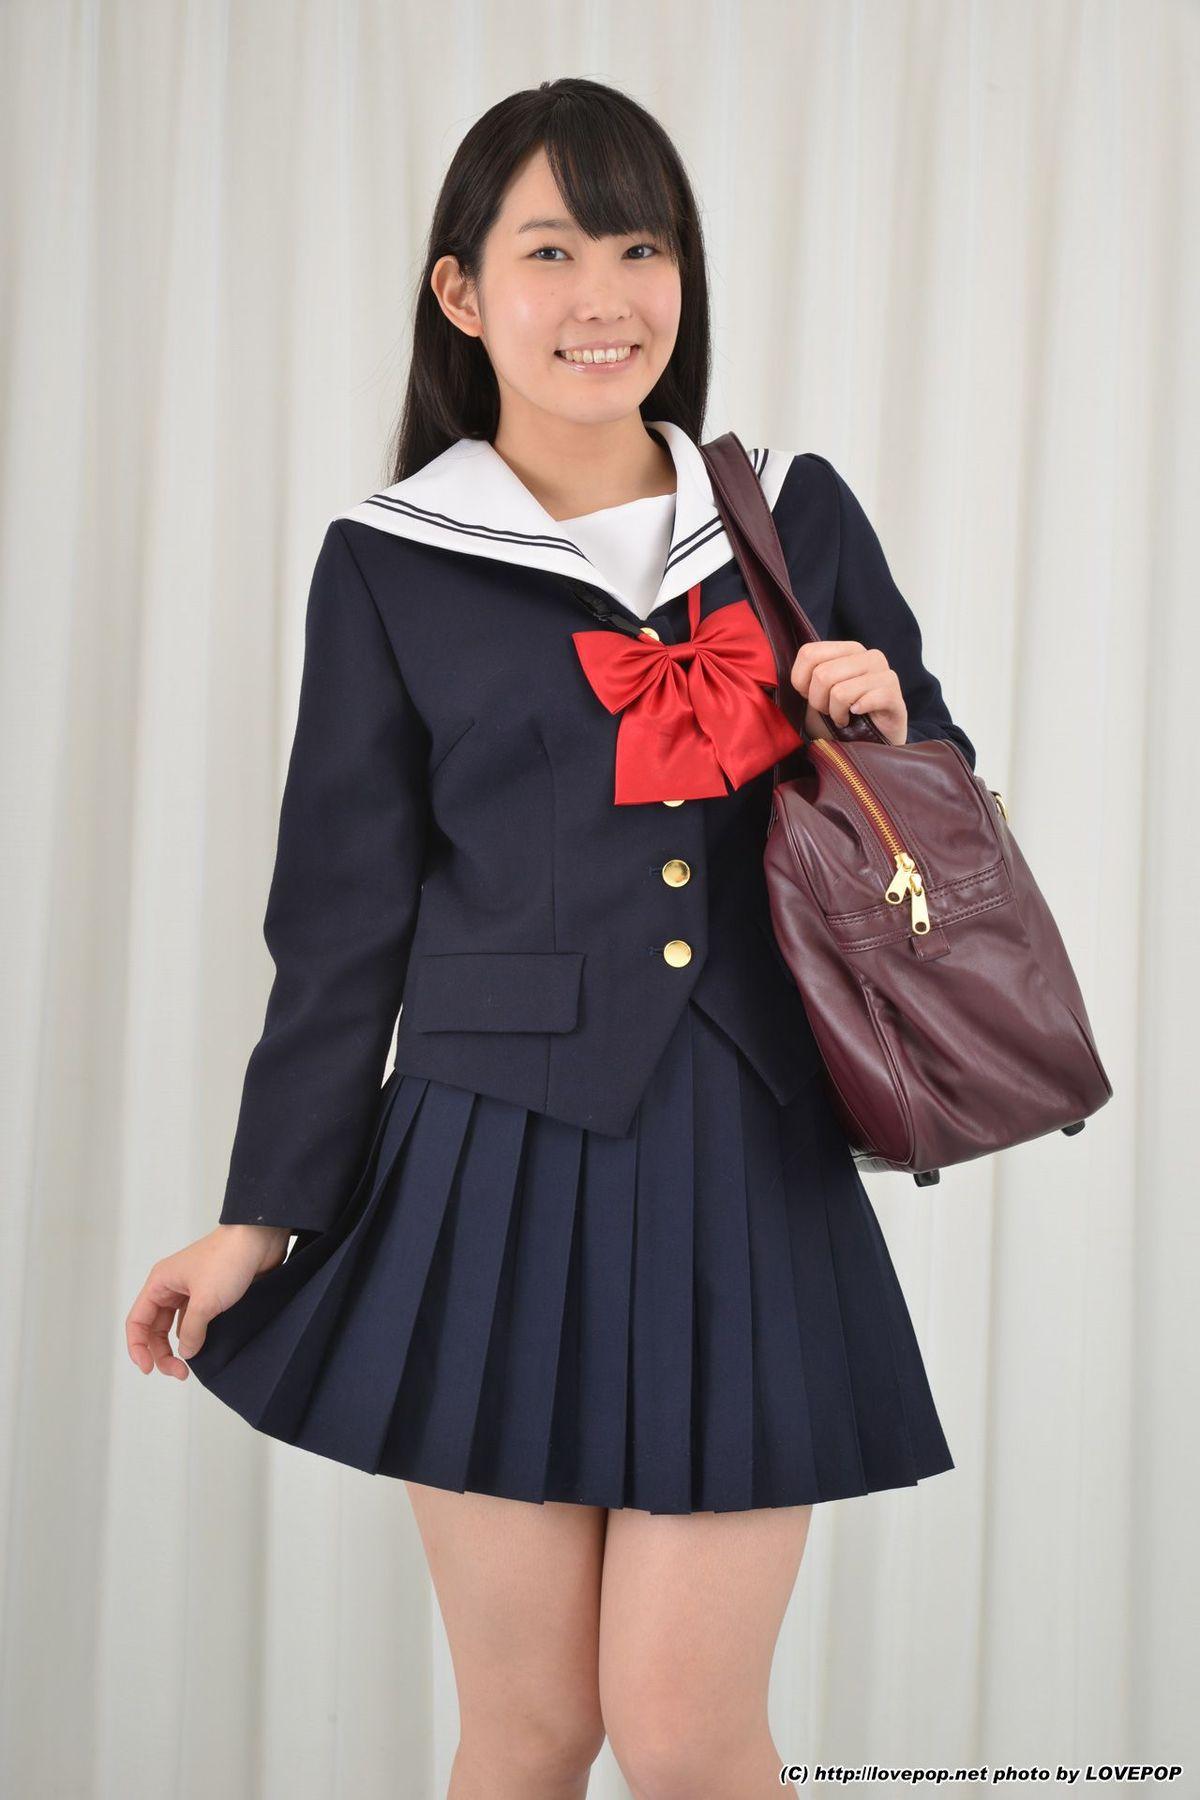 Yui Kasugano 町田安南/春日野結衣 Set3 [LovePop] 写真集[60P] / 第9页